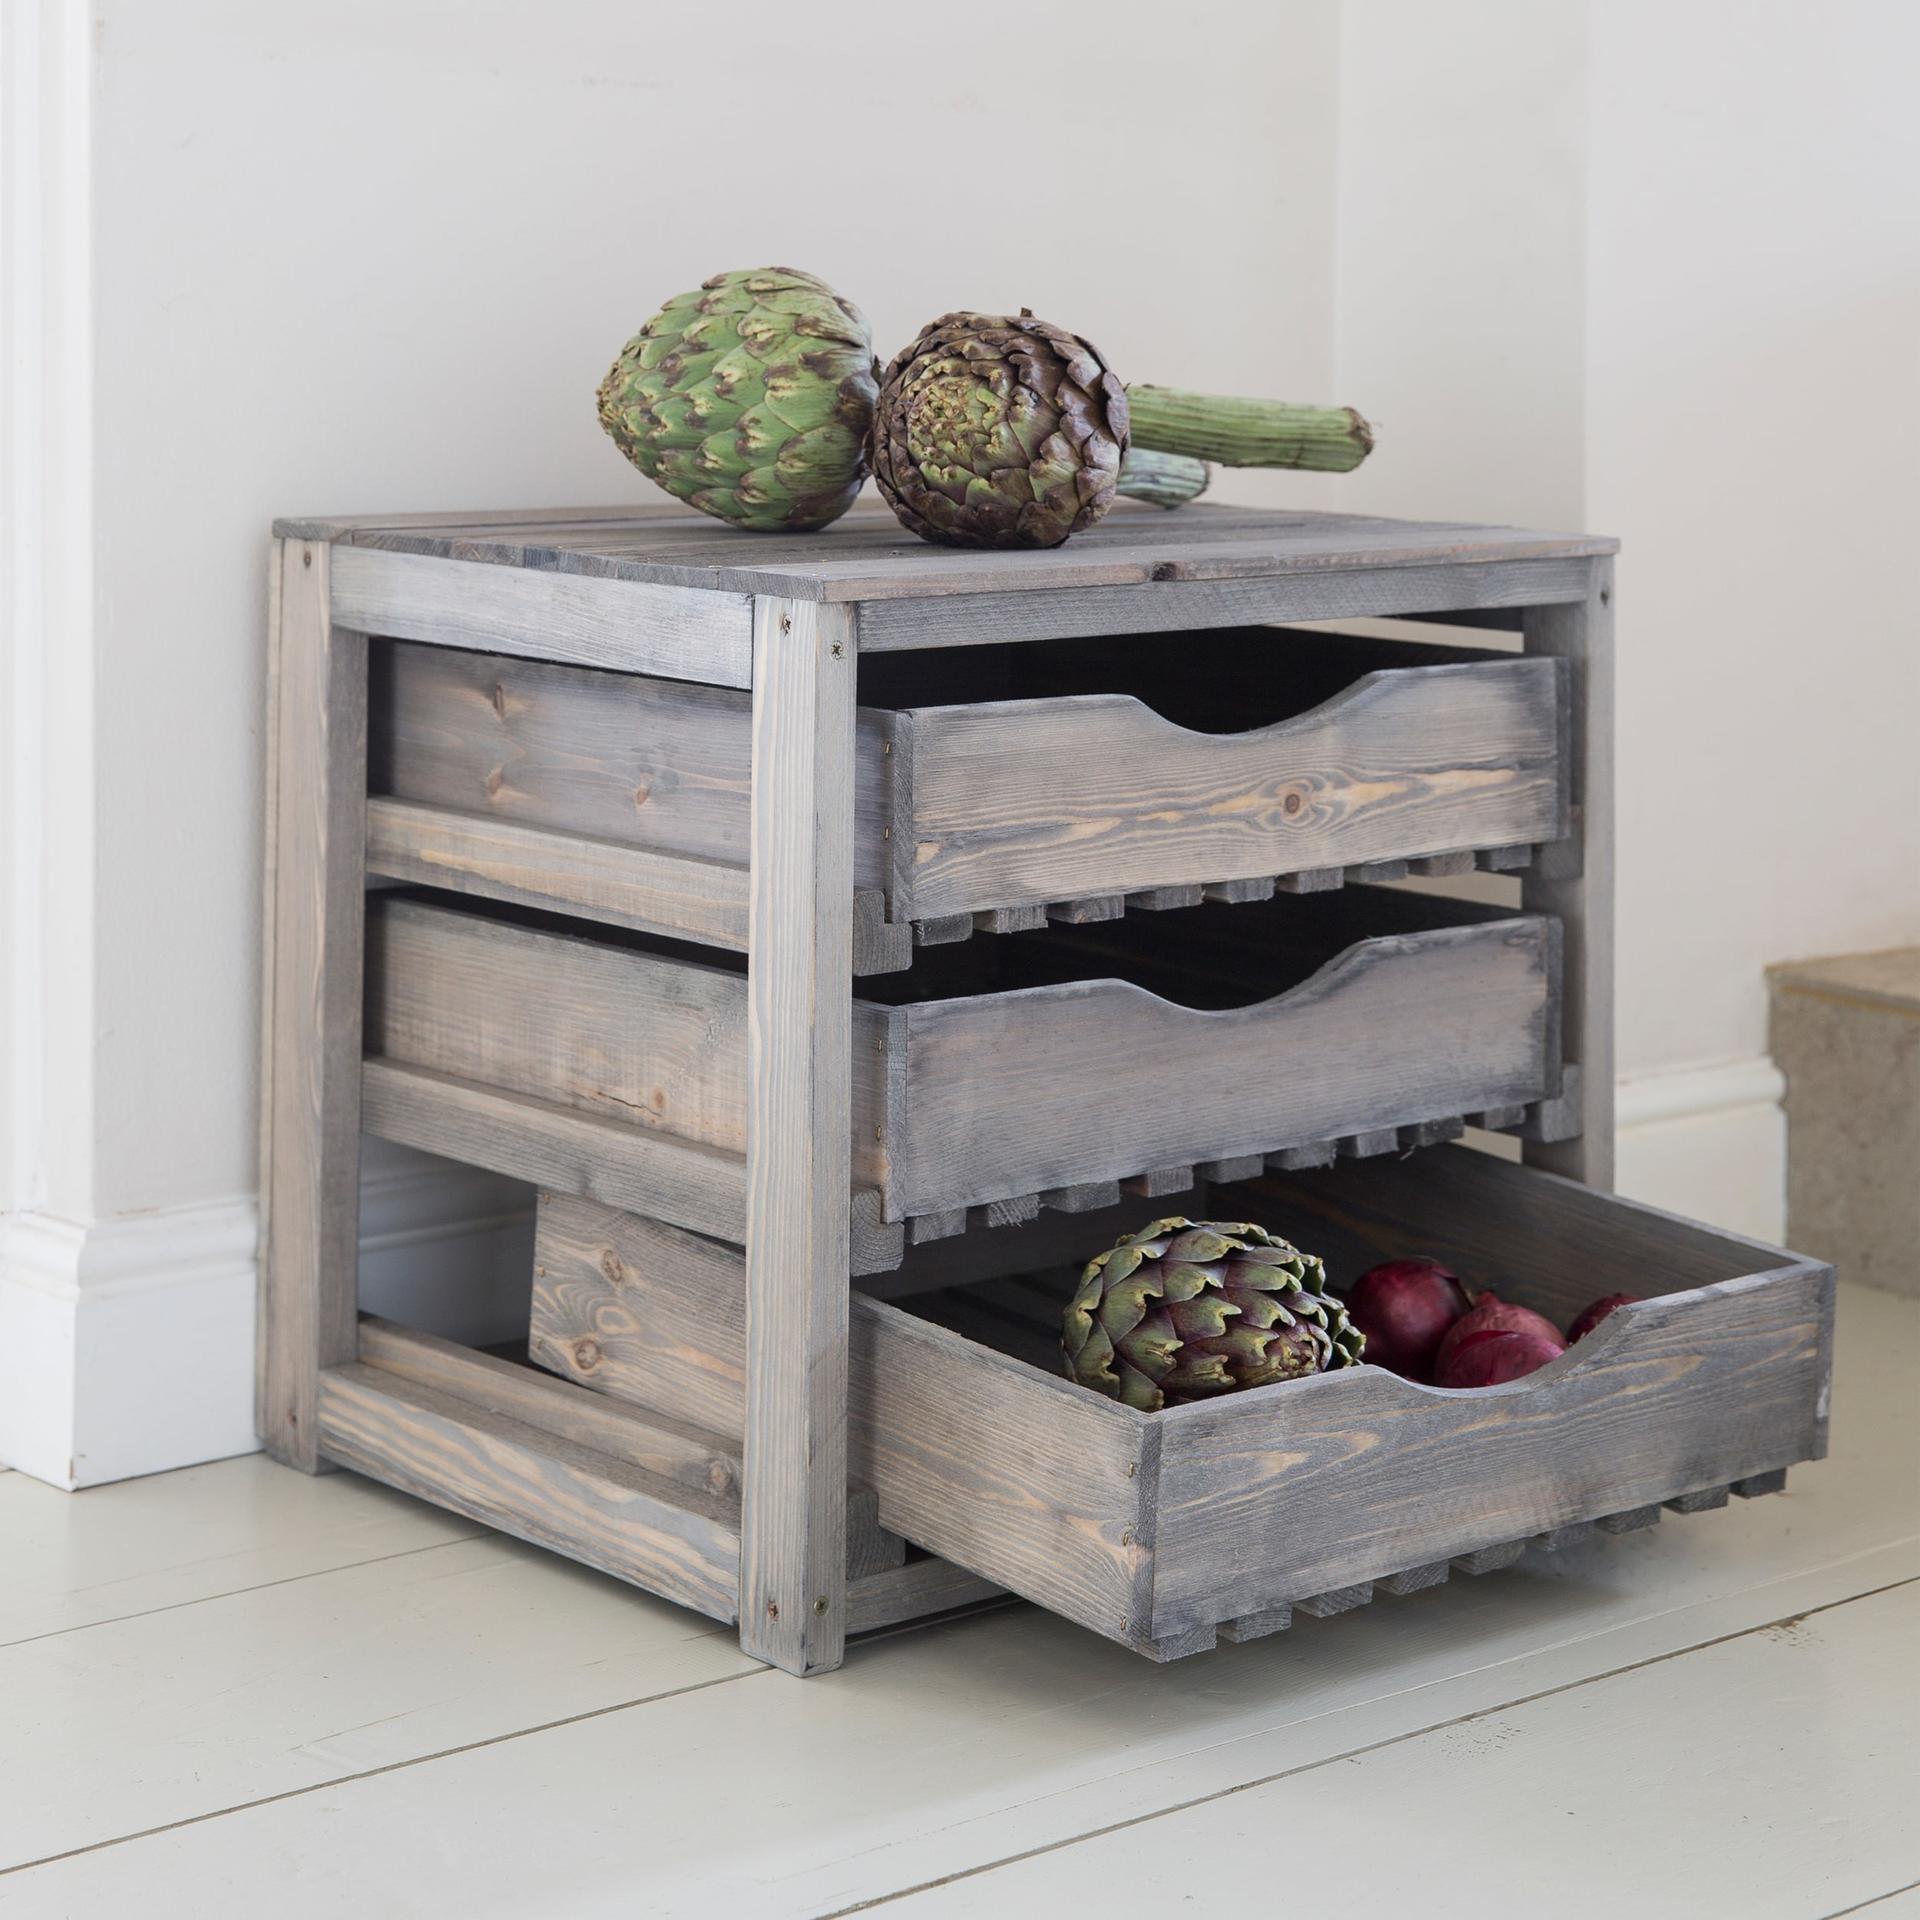 Garden Trading Úložné dřevěné boxy na zeleninu, šedá barva, dřevo